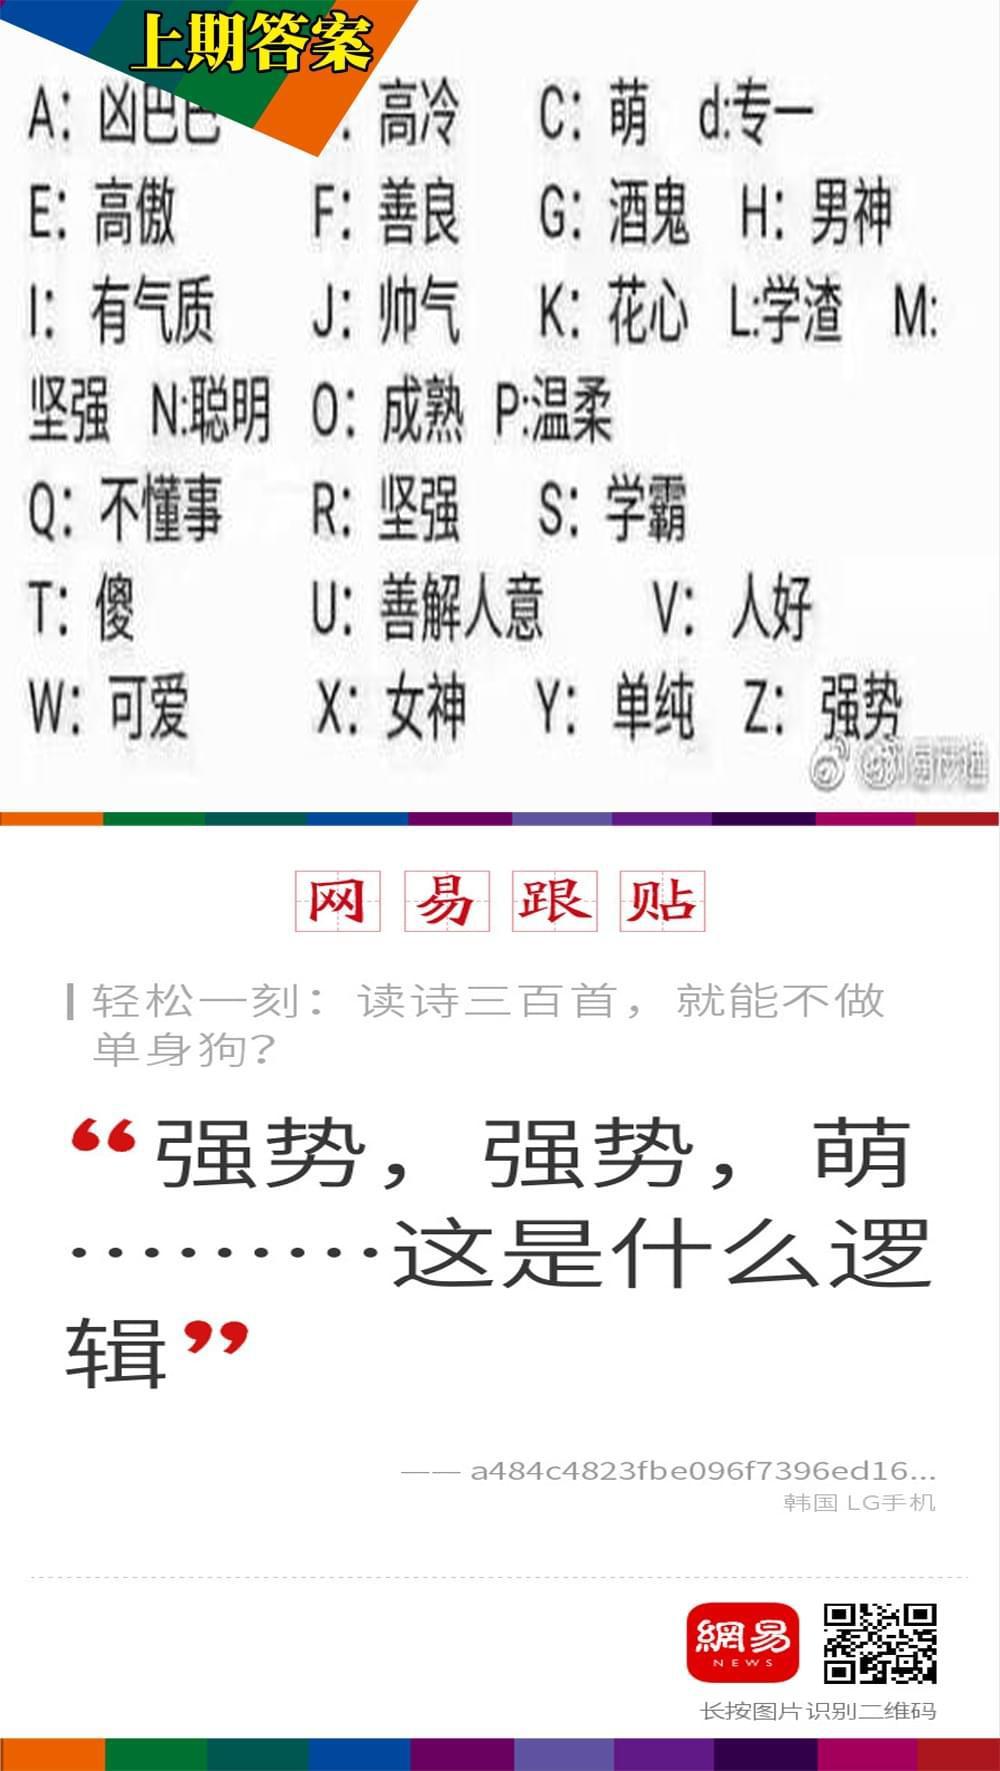 李智慧承认与圈外人相恋否认今秋结婚